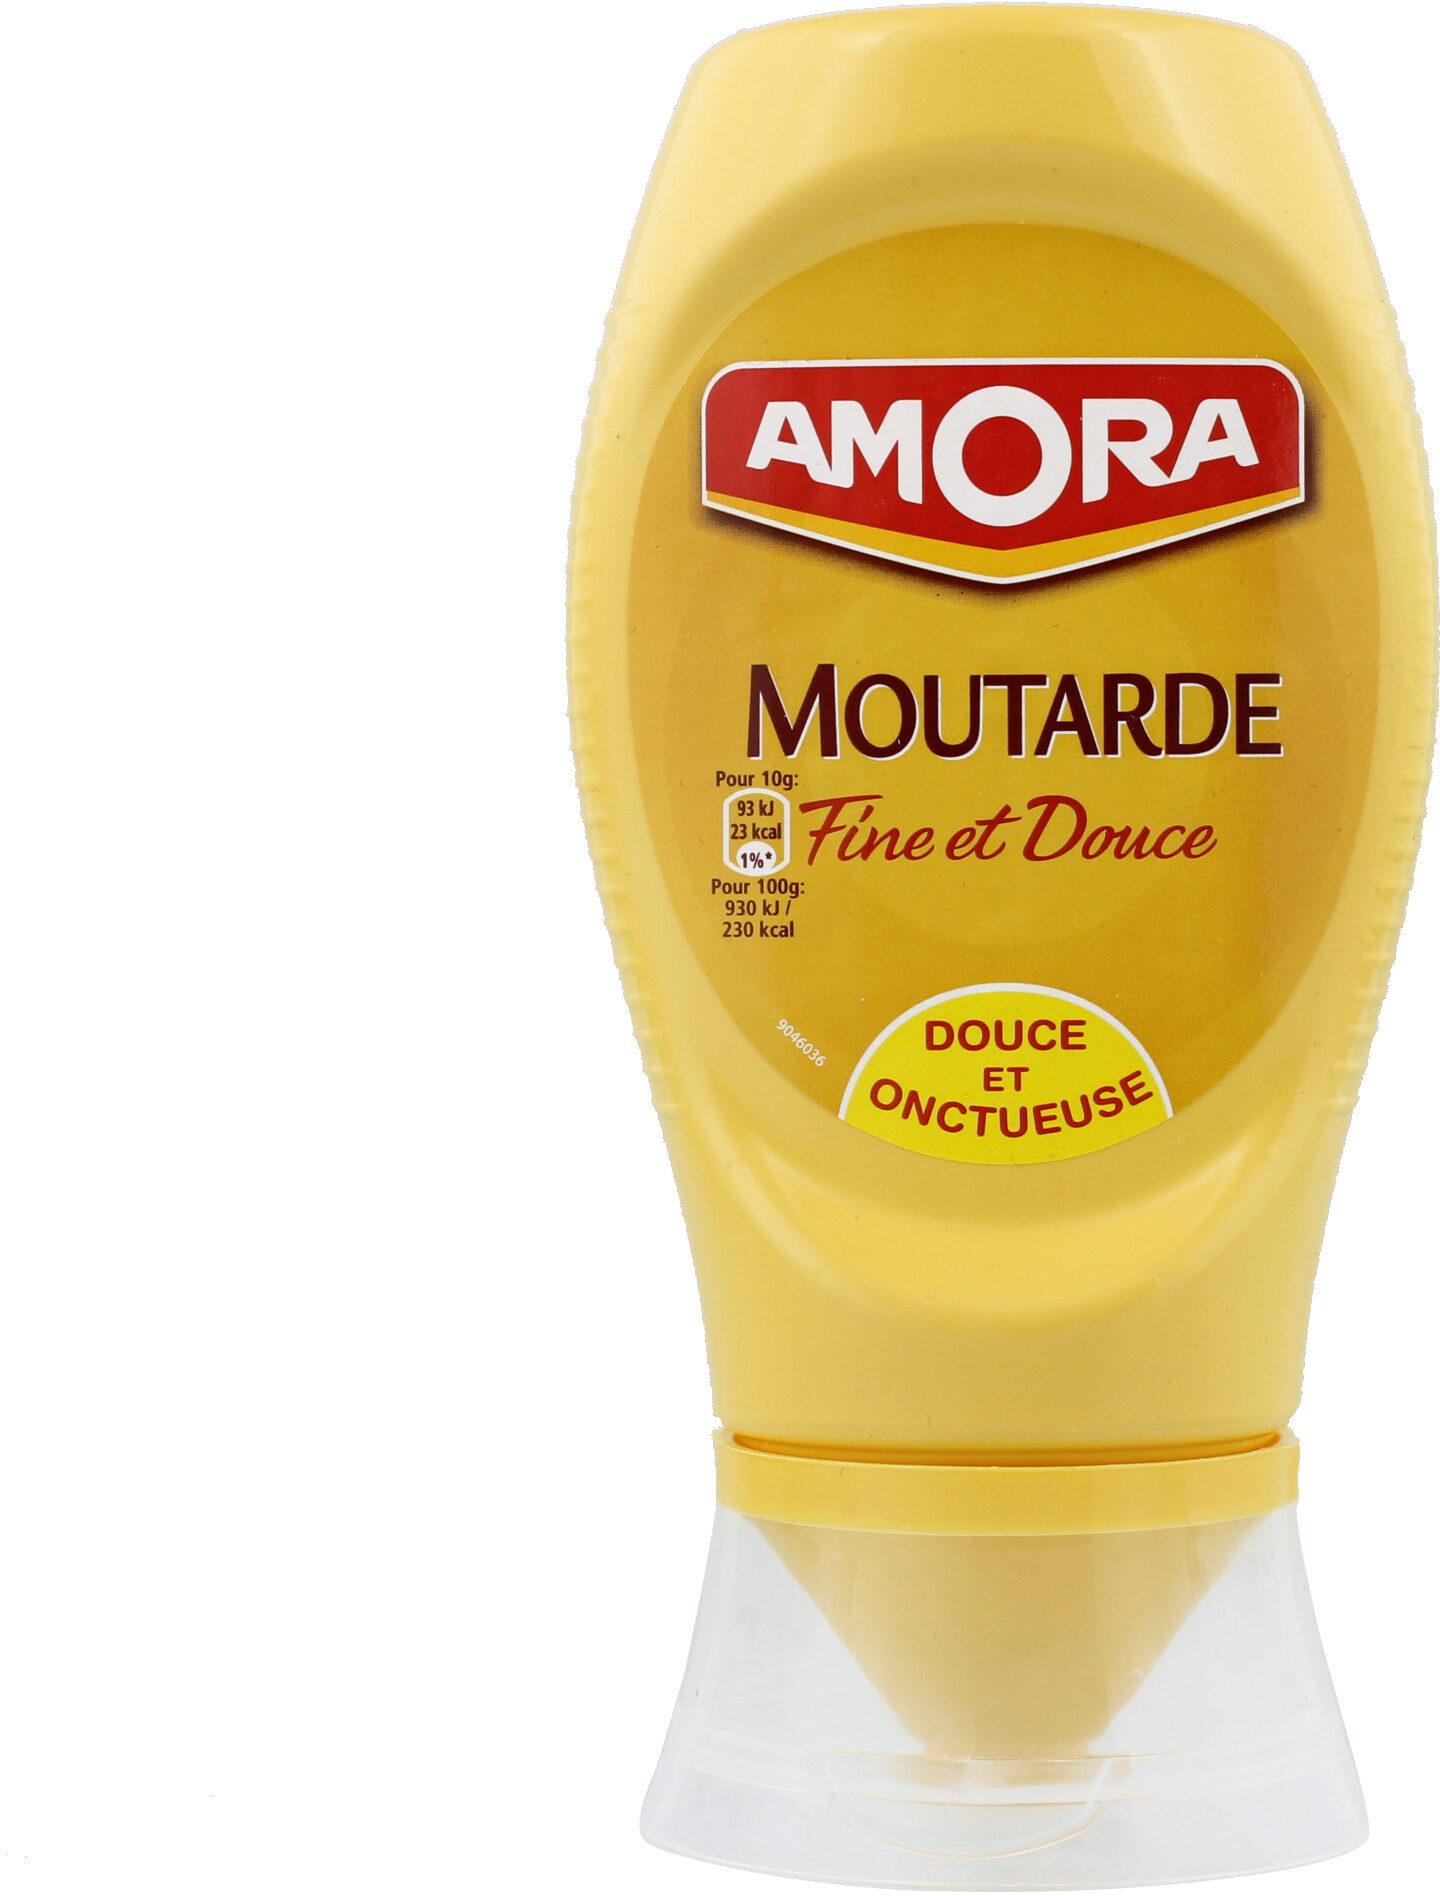 Moutarde Fine et Douce - Product - fr